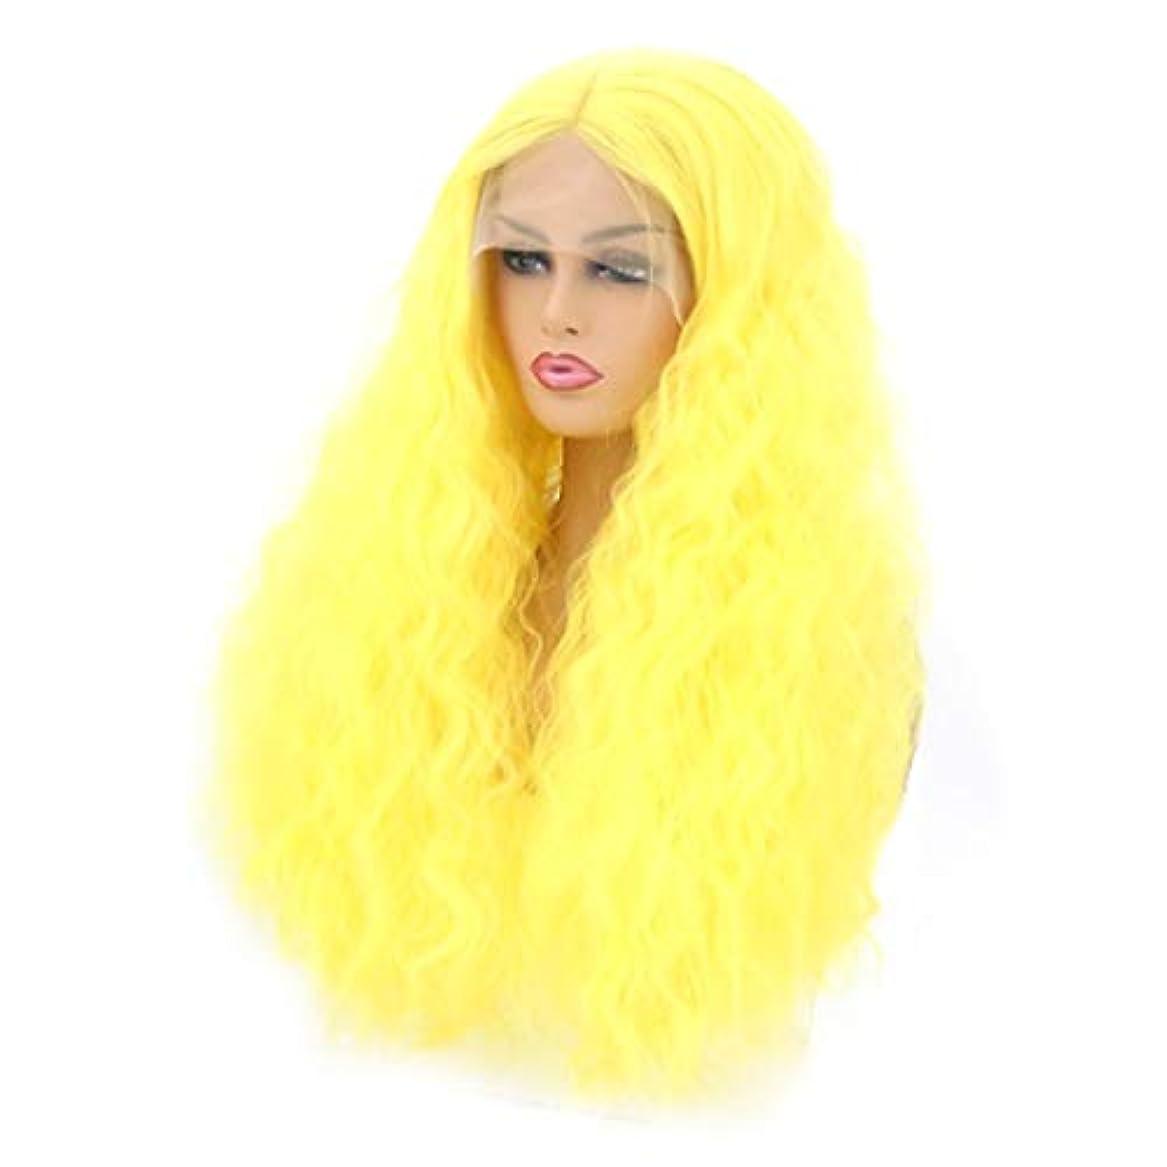 高尚な保証する提唱するKerwinner 本物の髪として自然な女性のための長い巻き毛の波状のかつら合成のカラフルなコスプレデイリーパーティーウィッグ (Size : 18 inches)